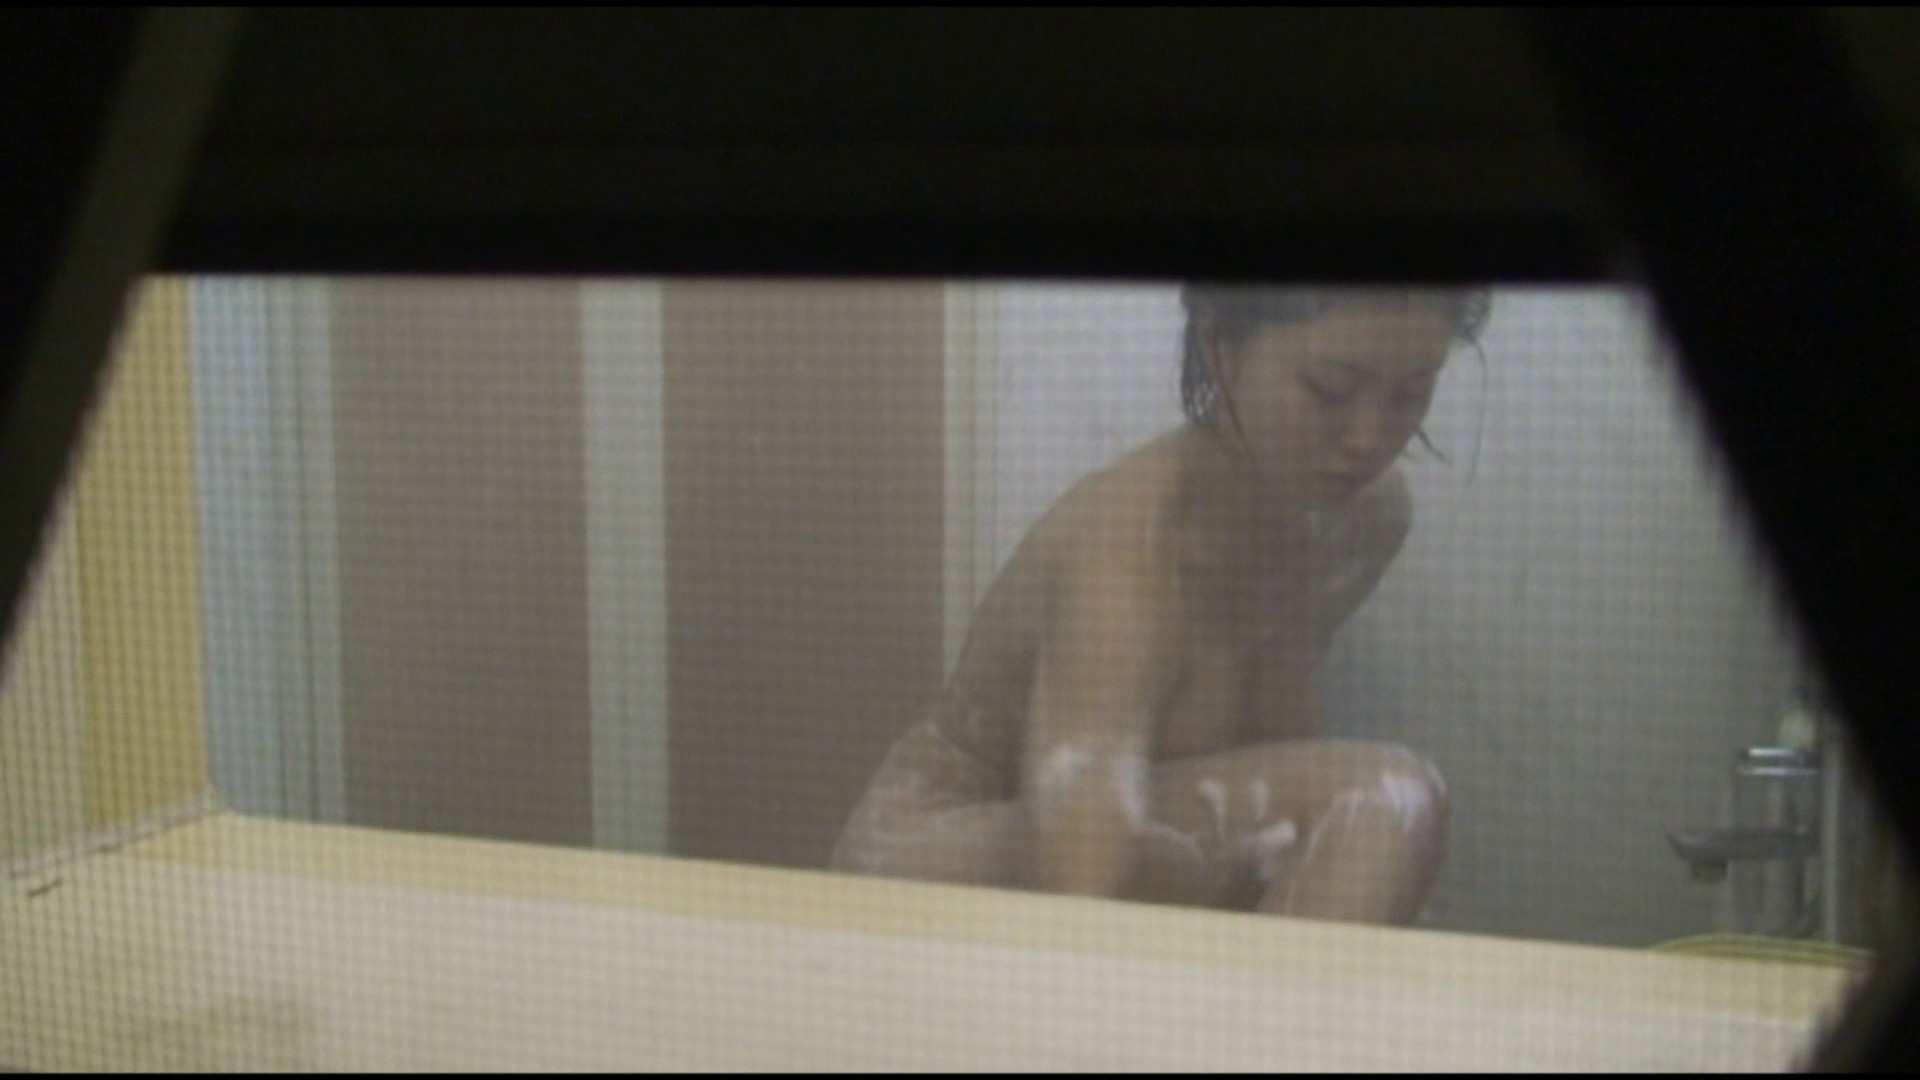 vol.04巨乳美人のおっぱいがプルルンッと弾けてます!風呂上りも必見 おっぱい オマンコ動画キャプチャ 105連発 60